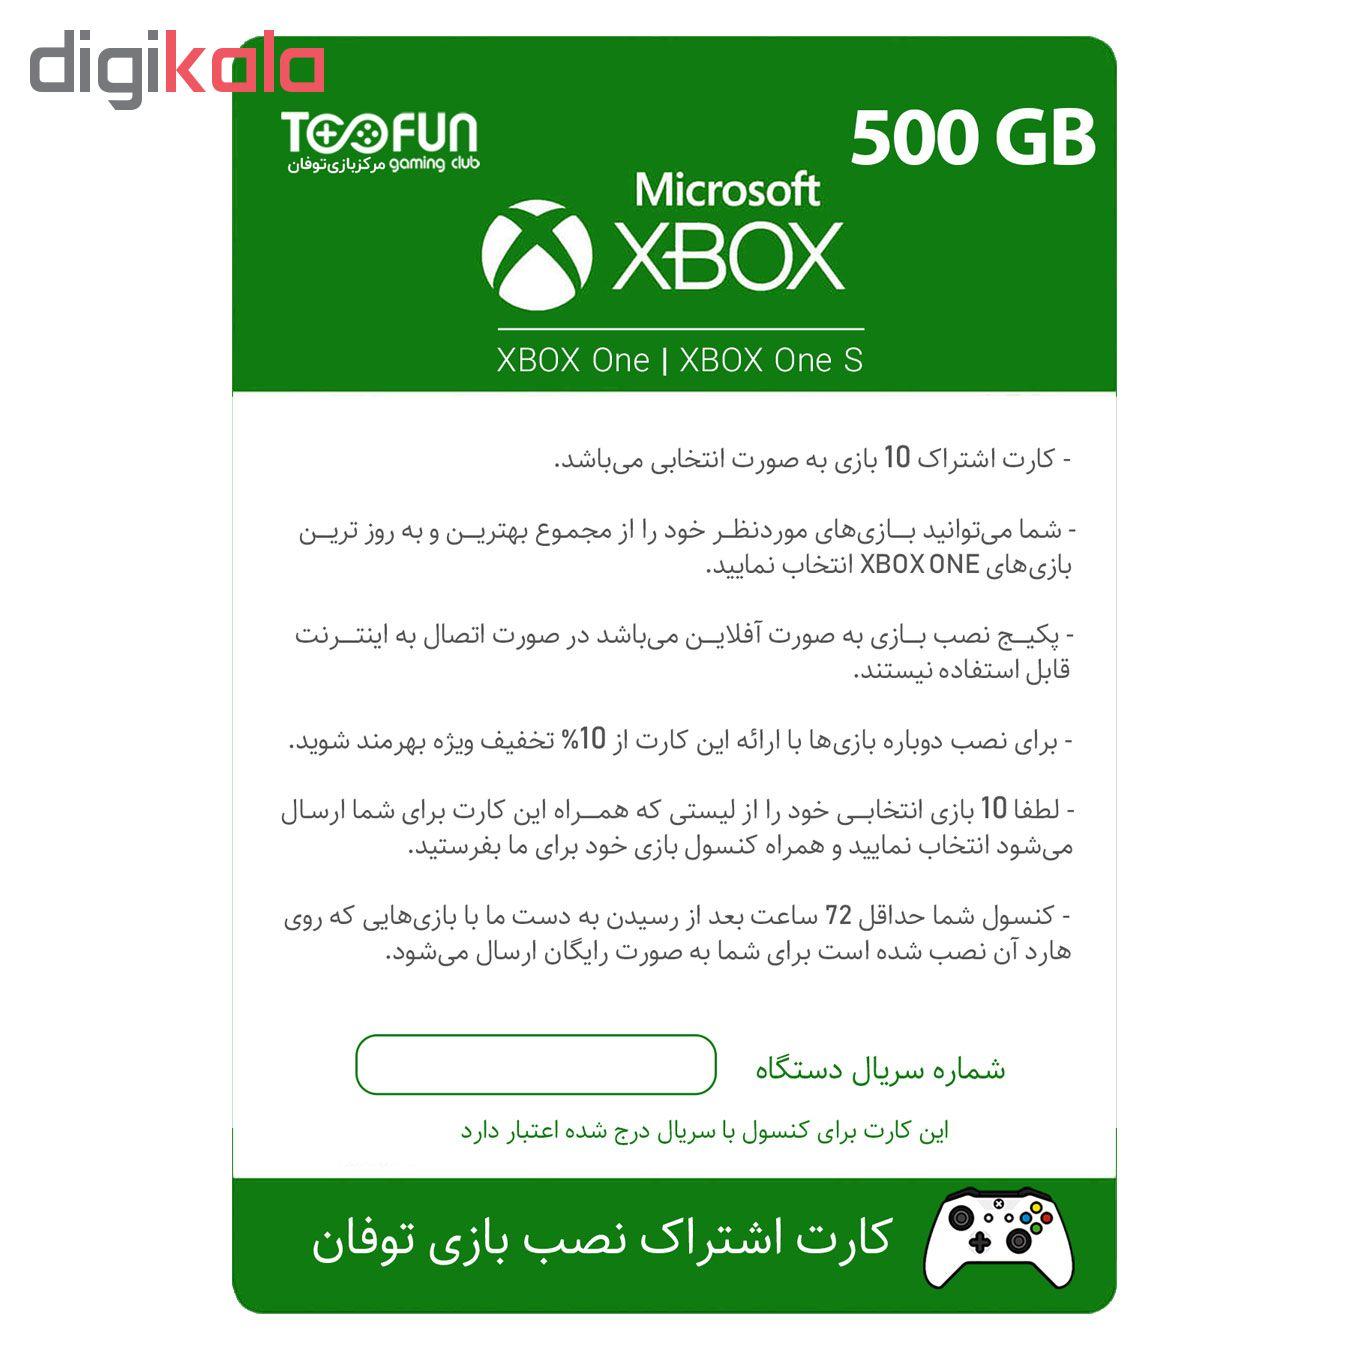 خرید اینترنتی کارت اشتراک نصب بازی مرکز بازی توفان مناسب برای ایکس باکس وان 500 گیگابایت اورجینال